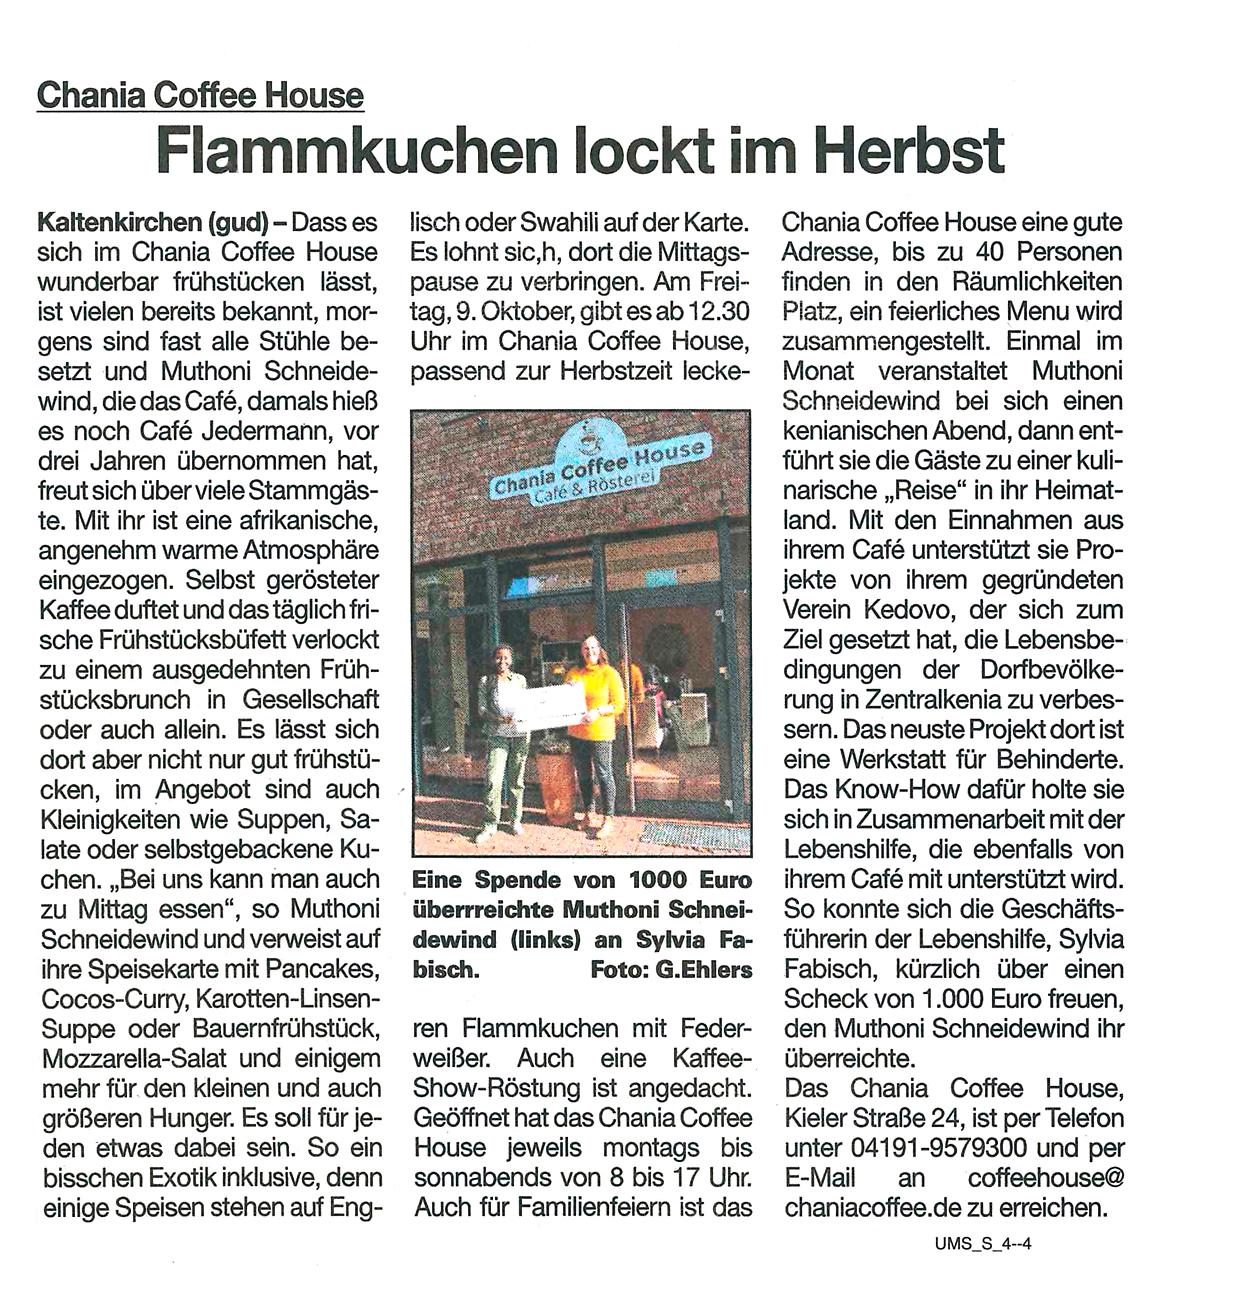 """Artikel aus der Umschau vom 7.10.2020: """"Chania Coffee House - Flammkuchen lockt im Herbst"""""""